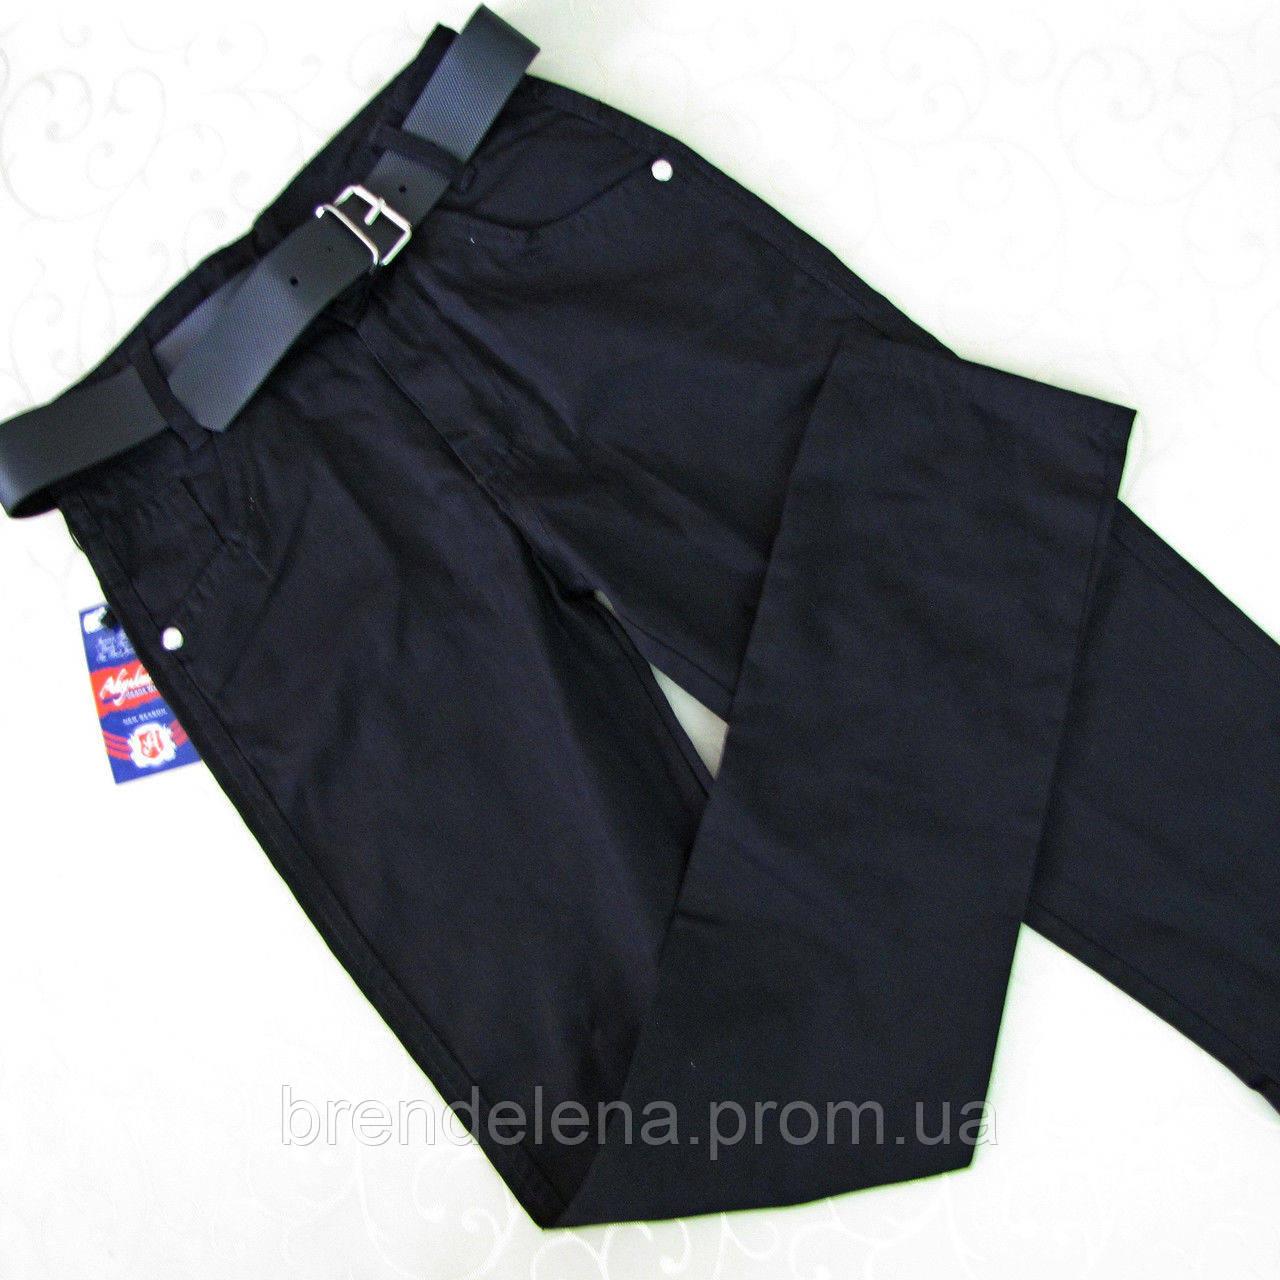 Штани для хлопчика Akyilmaz темно-сині 12 років.Туреччина